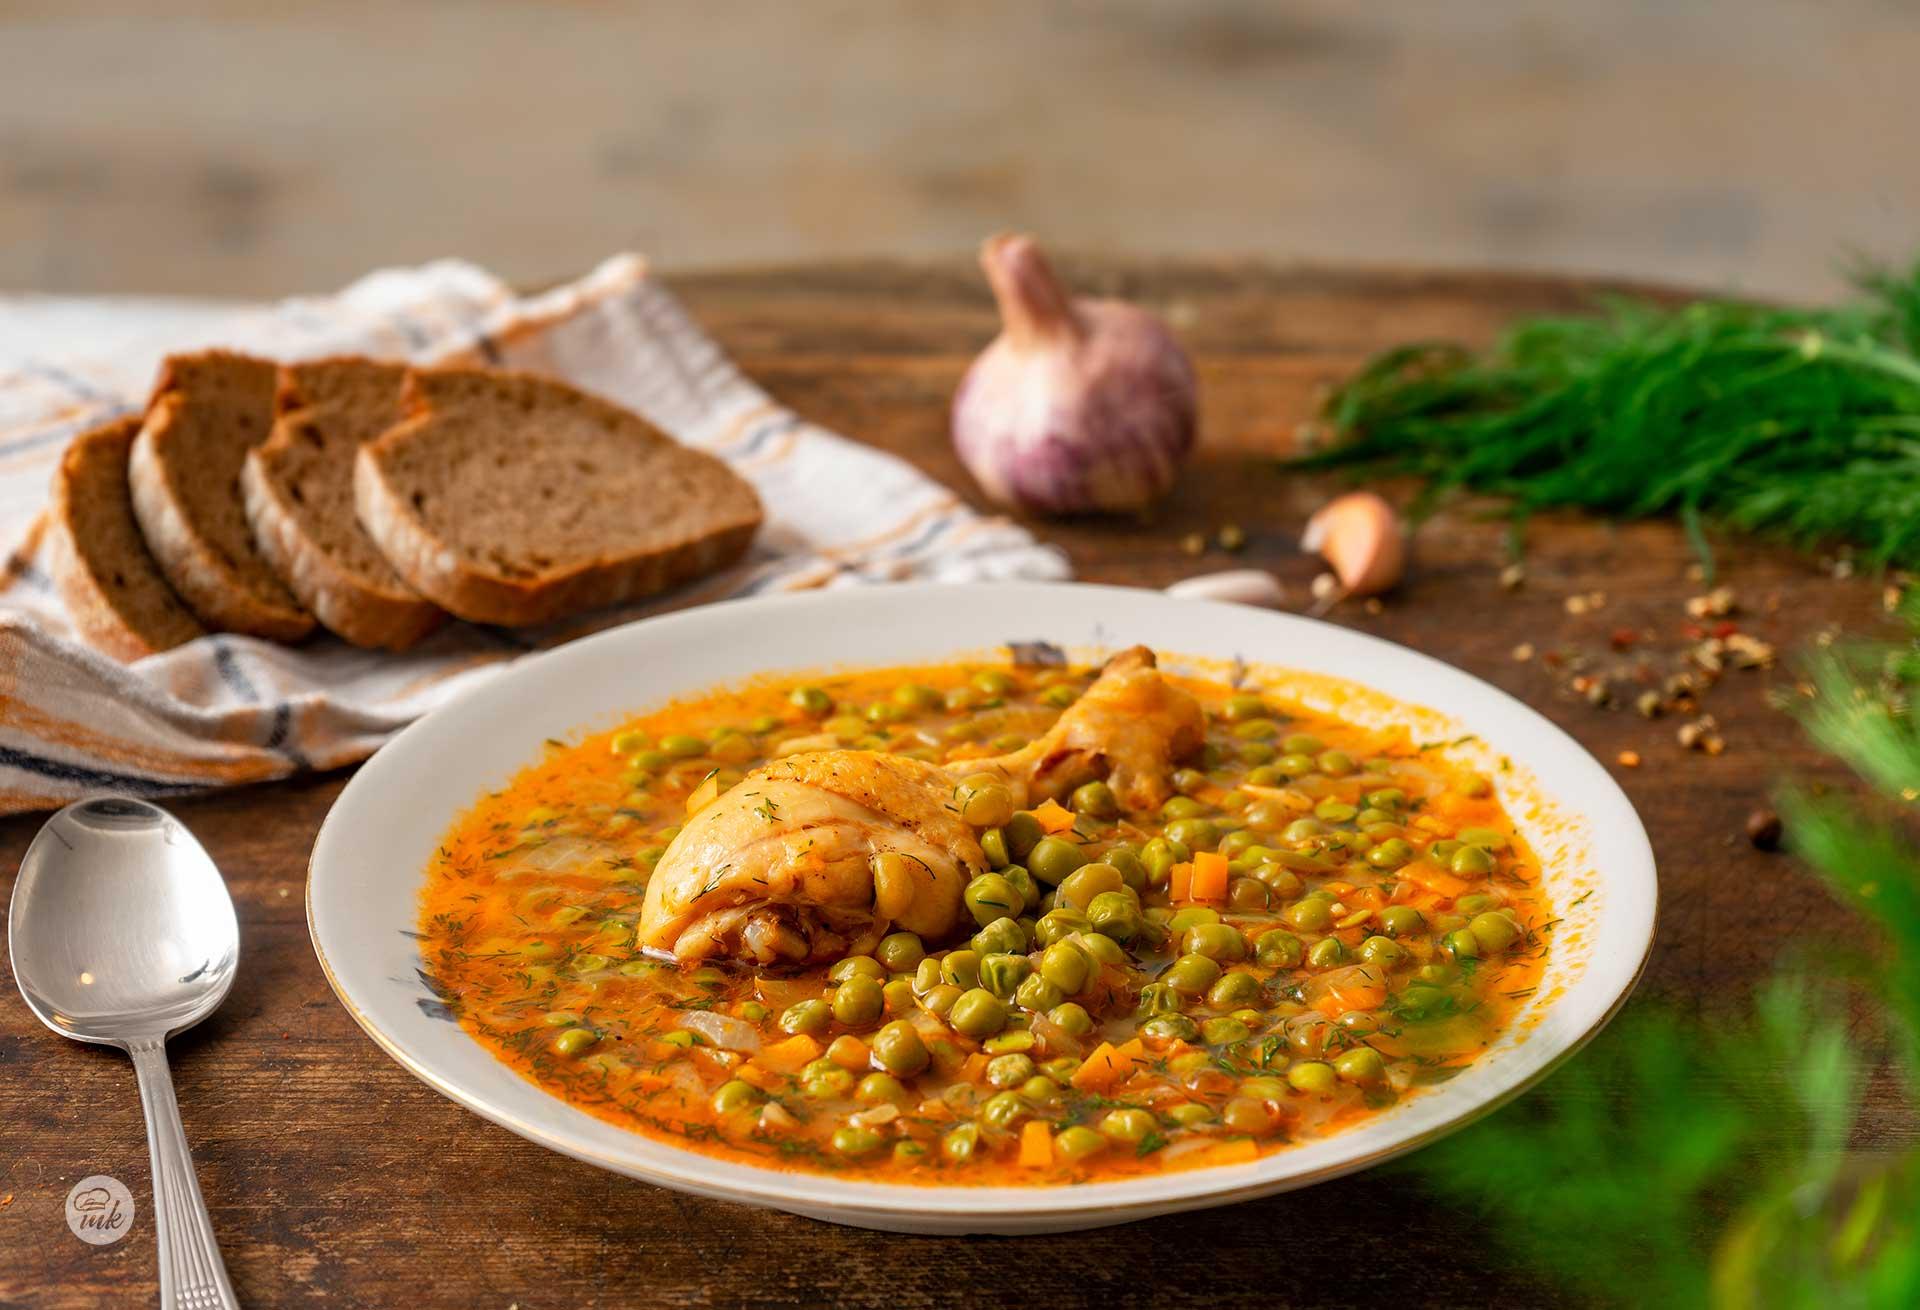 пилешка яхния с грах, сервирана в дълбока чиния с филийски хляб на заден фон, снимано отстрани